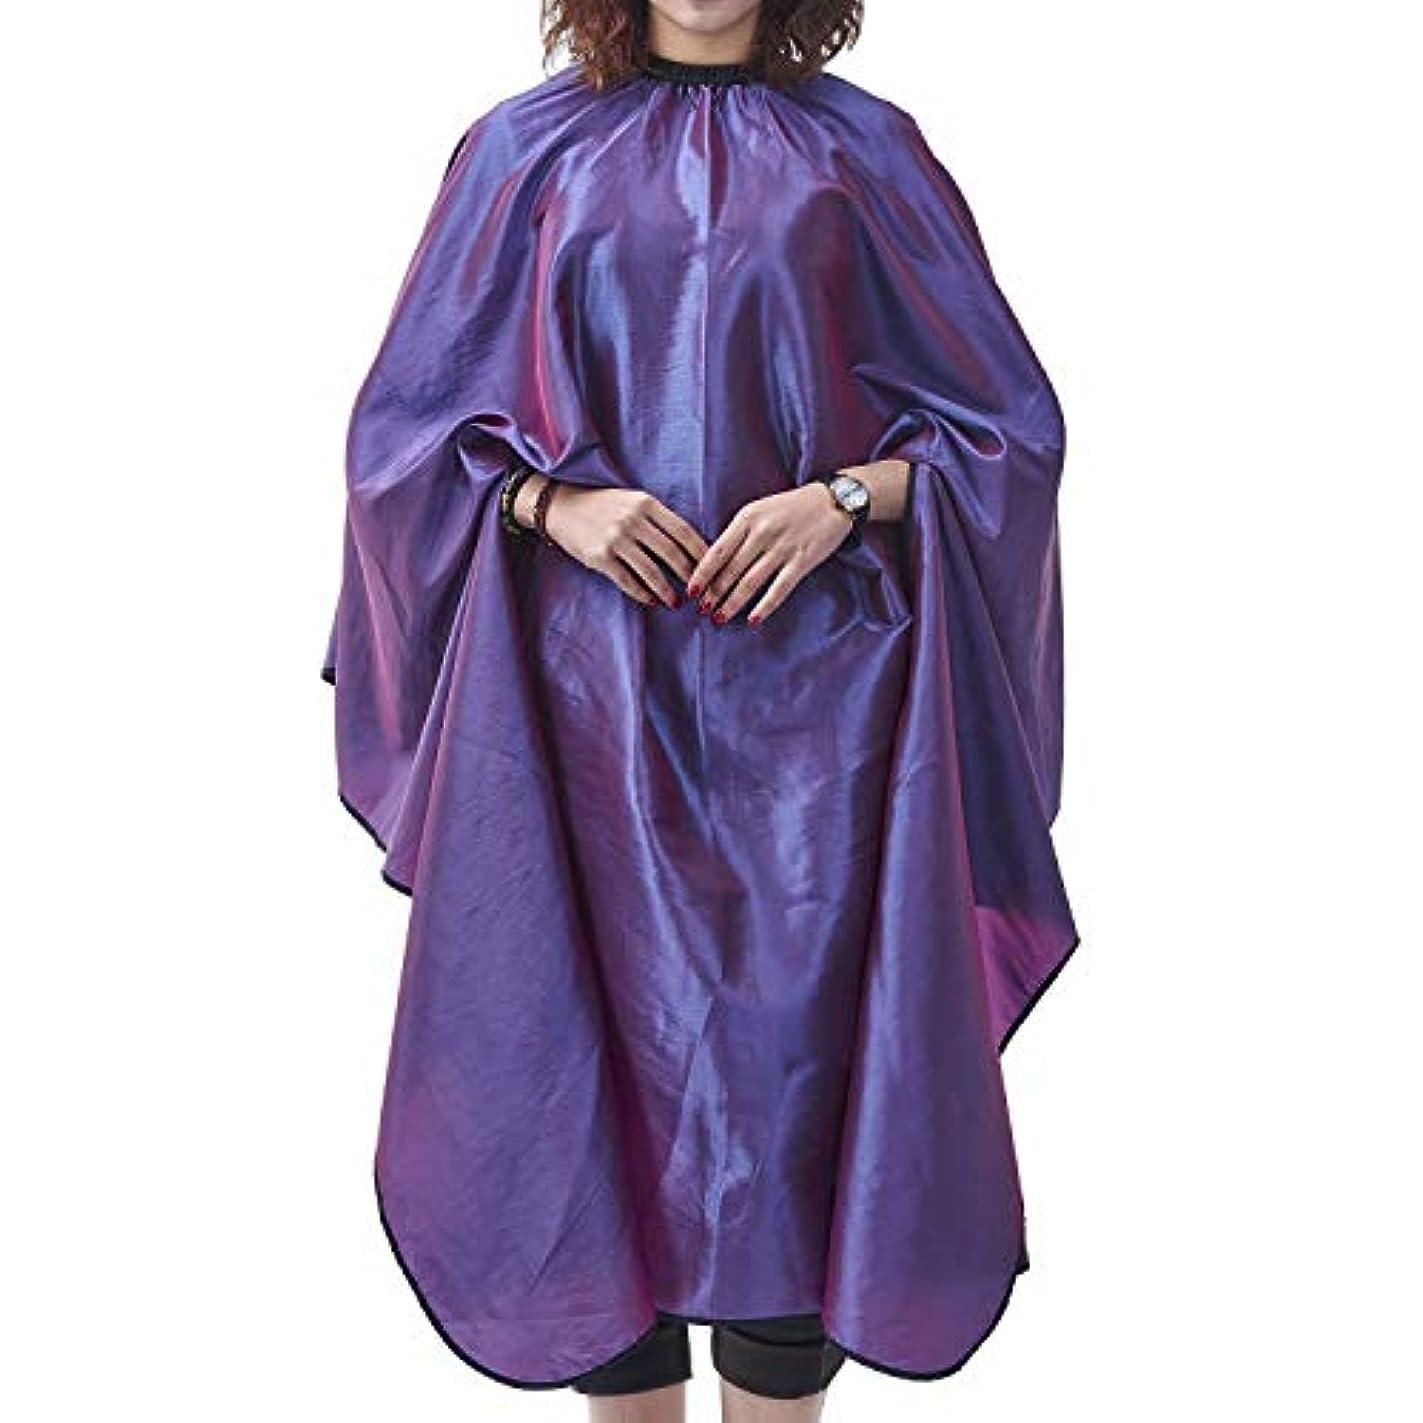 オーロック賢いインストールHIZLJJ サロンケープエプロンバーバーシャ??ンプーオイルスタイリングヘアカット美容師職業理髪店用品よだれかけ (Color : Purple)